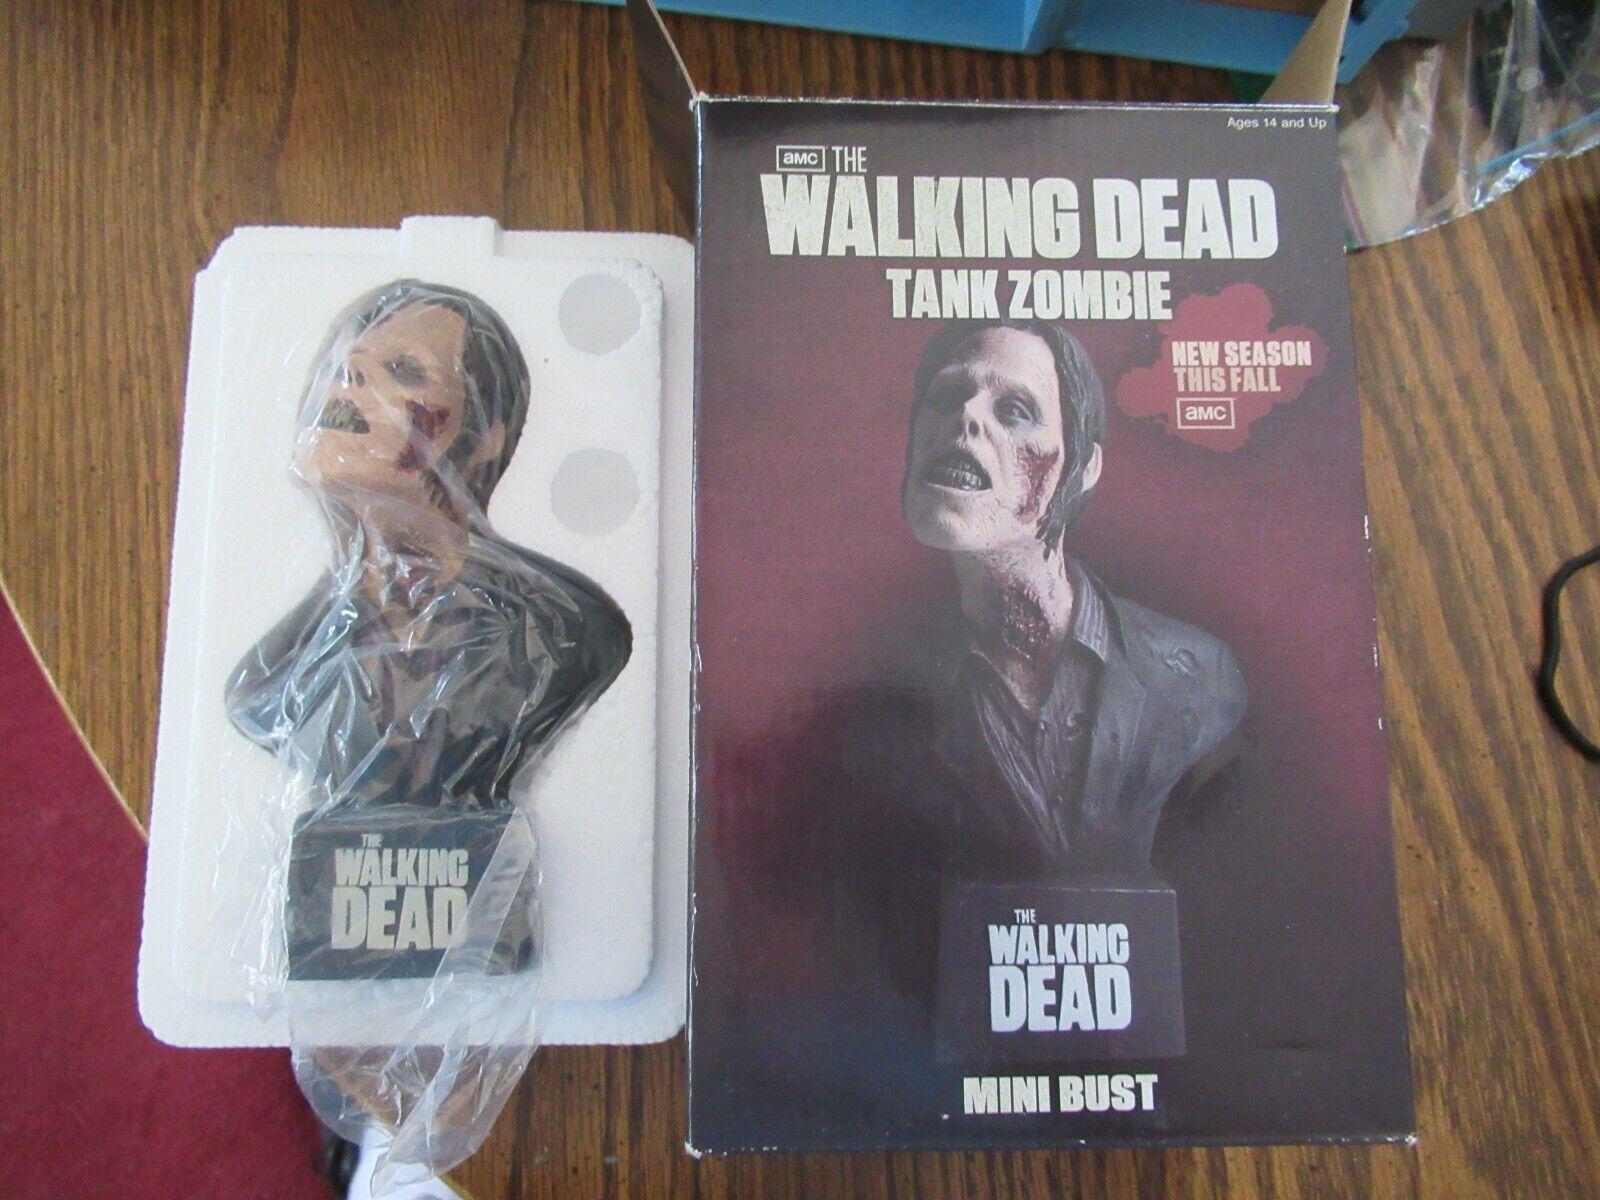 Walking Dead Tank Zombie mini bust NEW IN PACKAGE NECA 2011